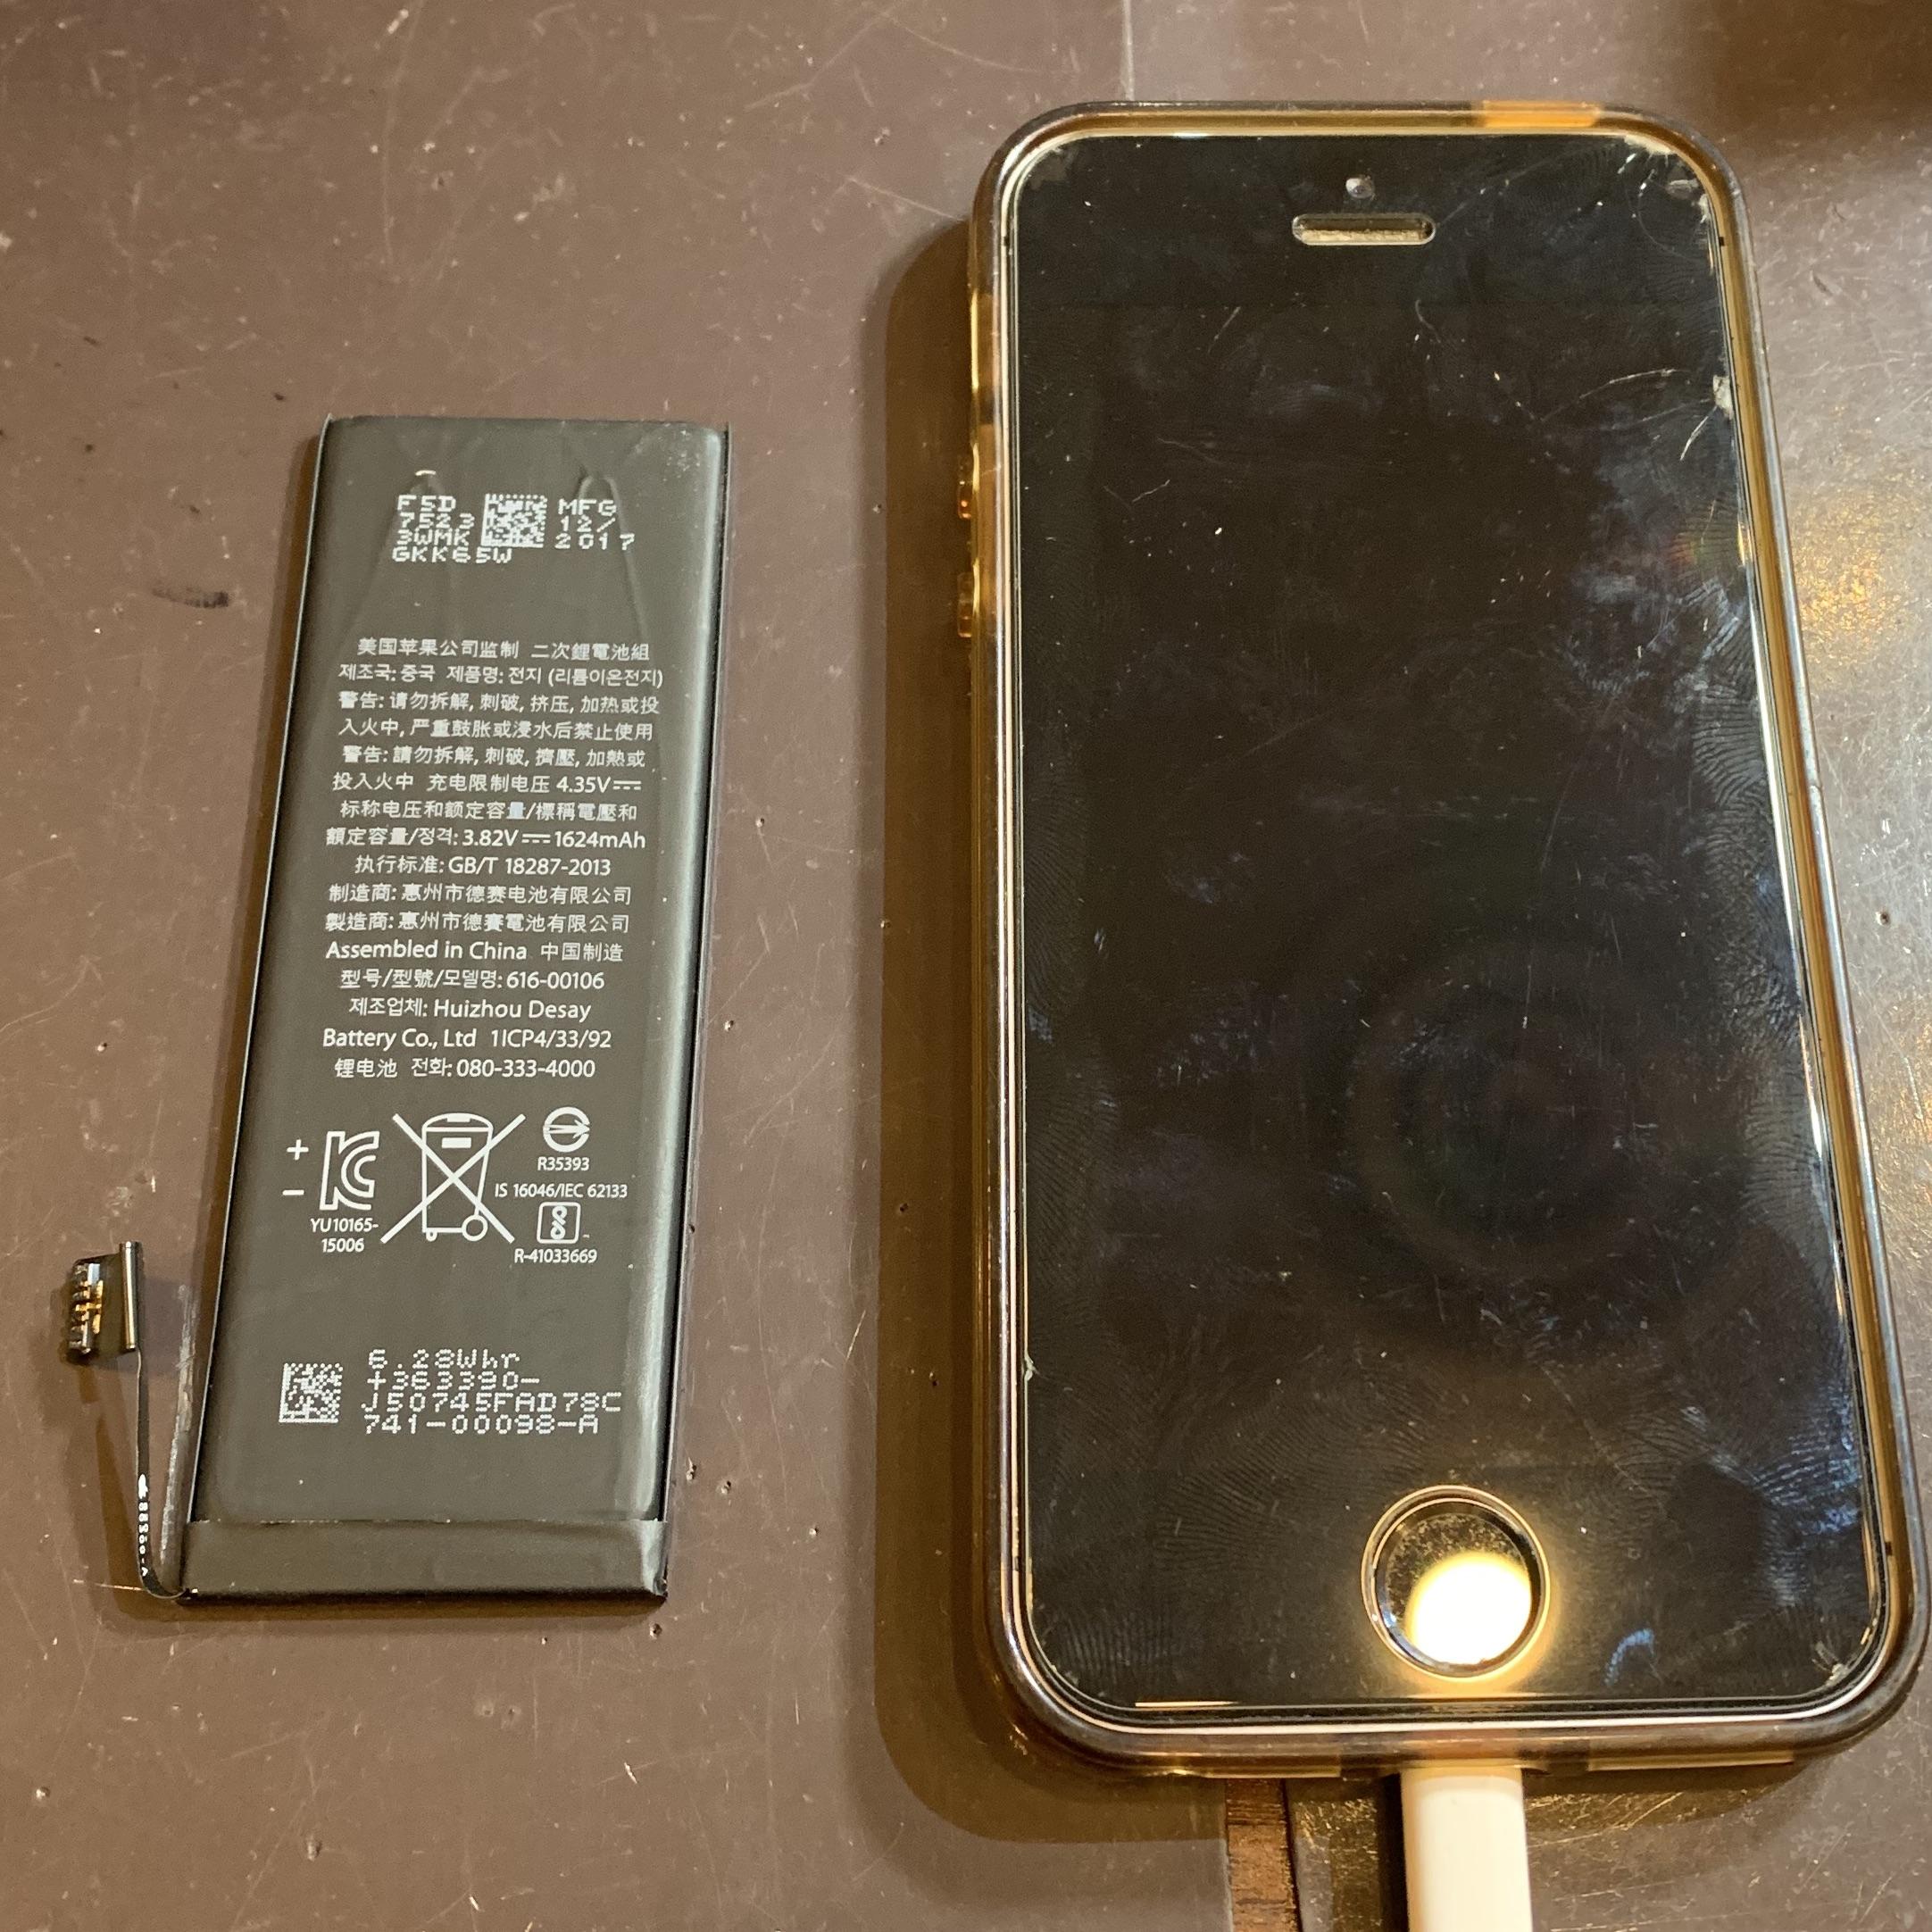 【iPhoneSE電池交換】川西−充電が1日持たない!いきなりシャットダウンはバッテリー交換で改善!ヒ